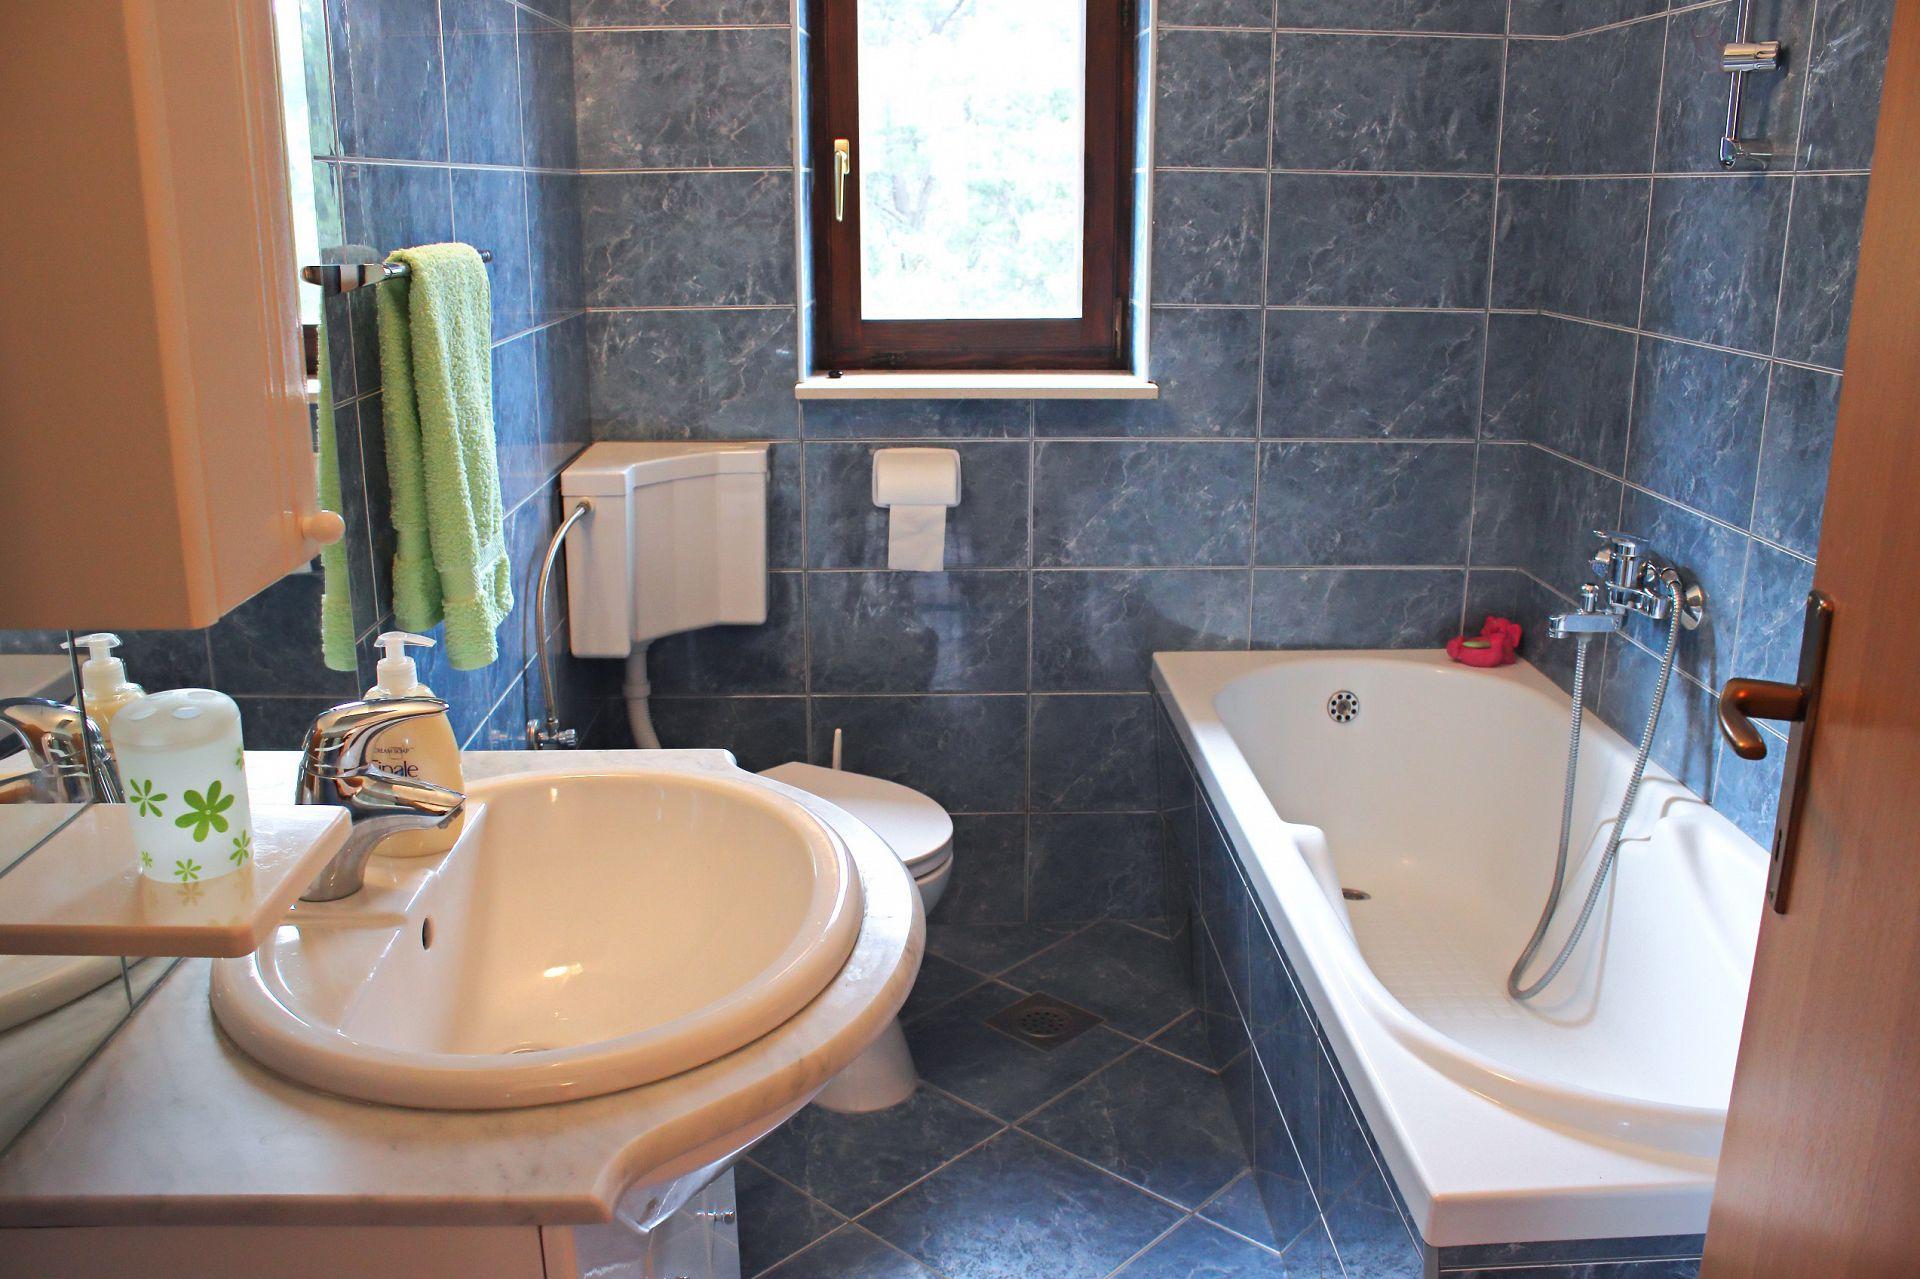 35506 - Mirca - Appartamenti Croazia - A(4+1): il bagno con la toilette